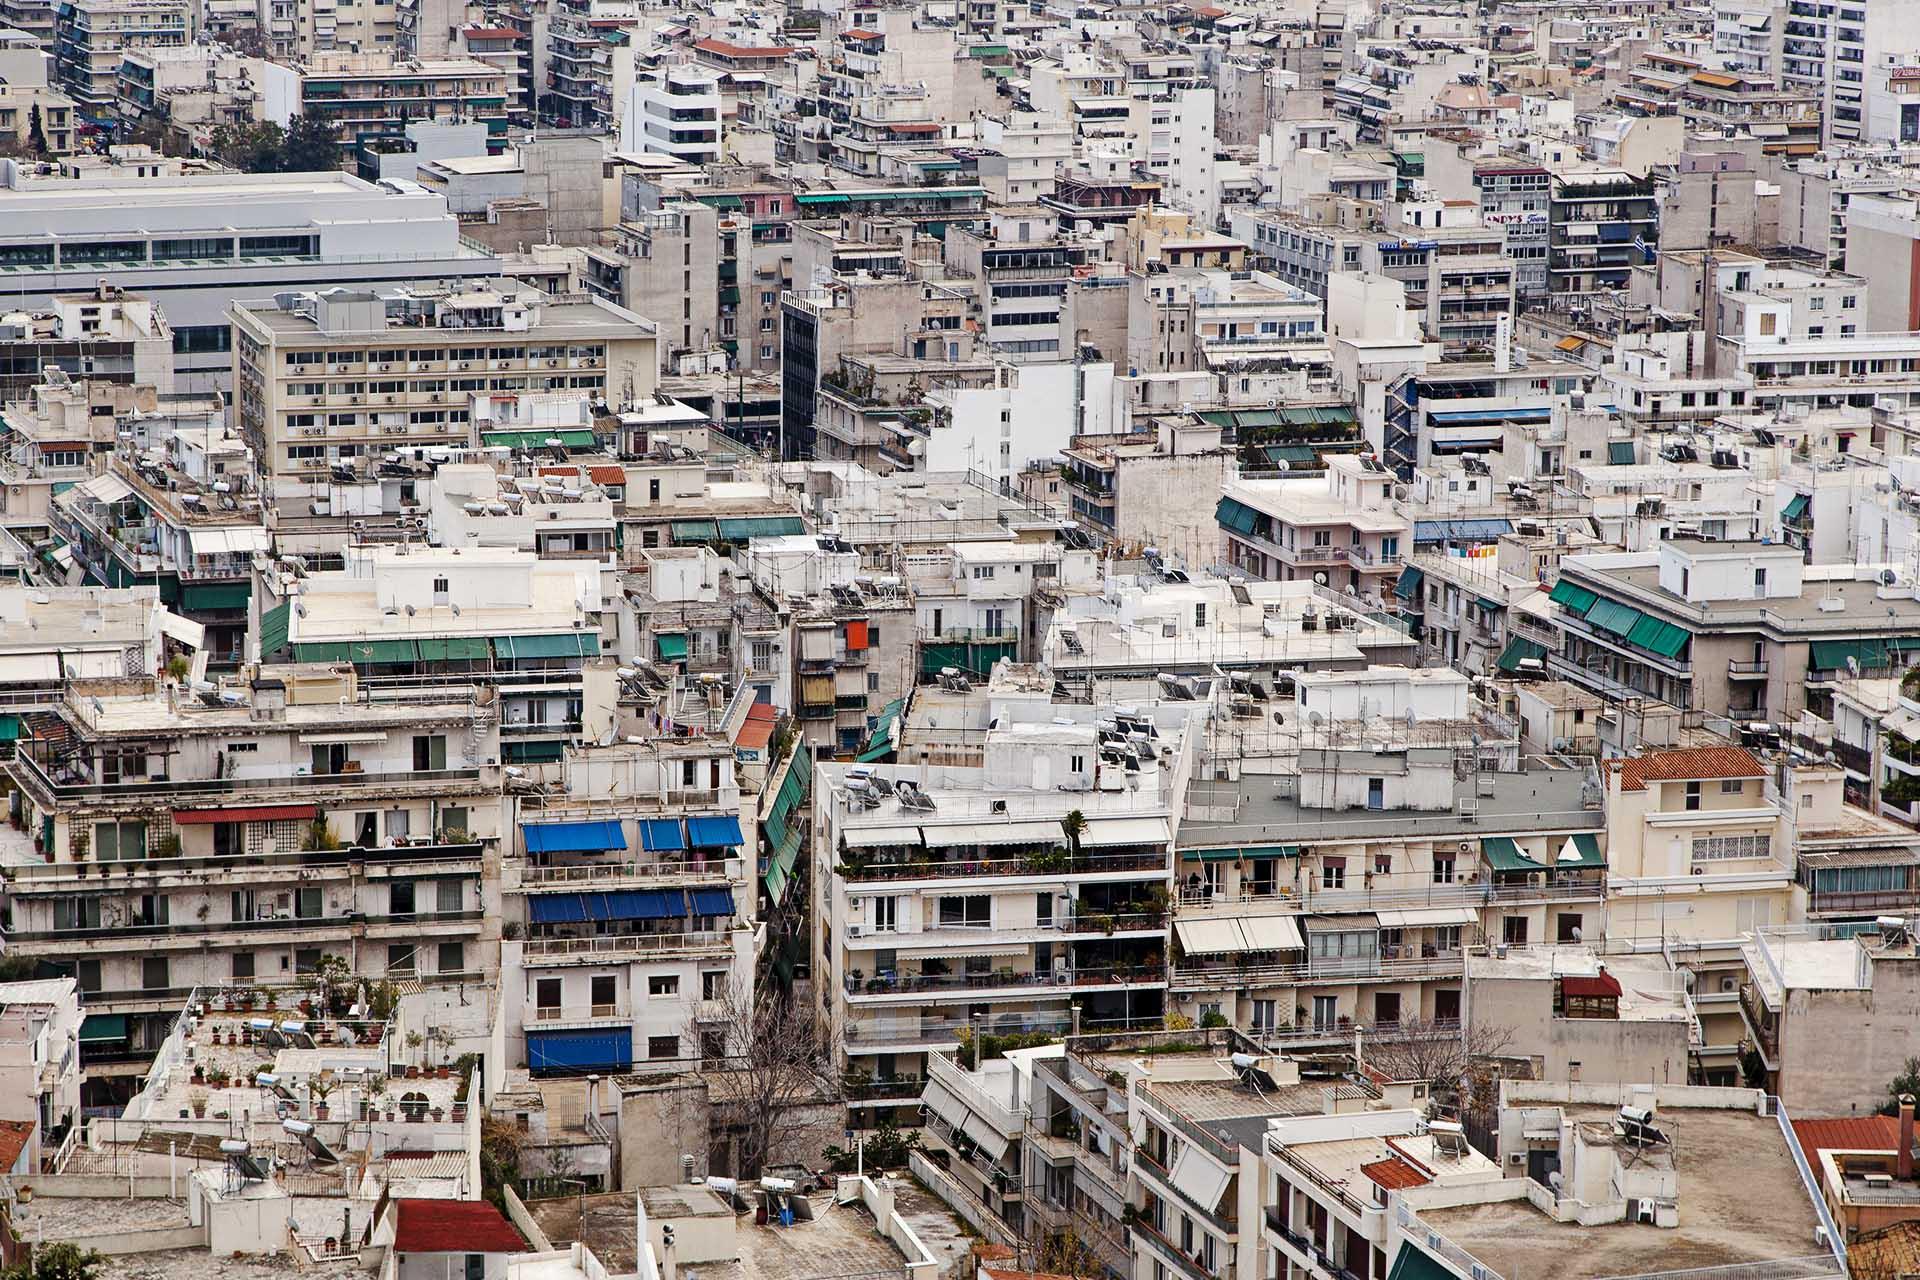 El pueblo griego es quien ha sufrido las consecuencias de la crísis económica